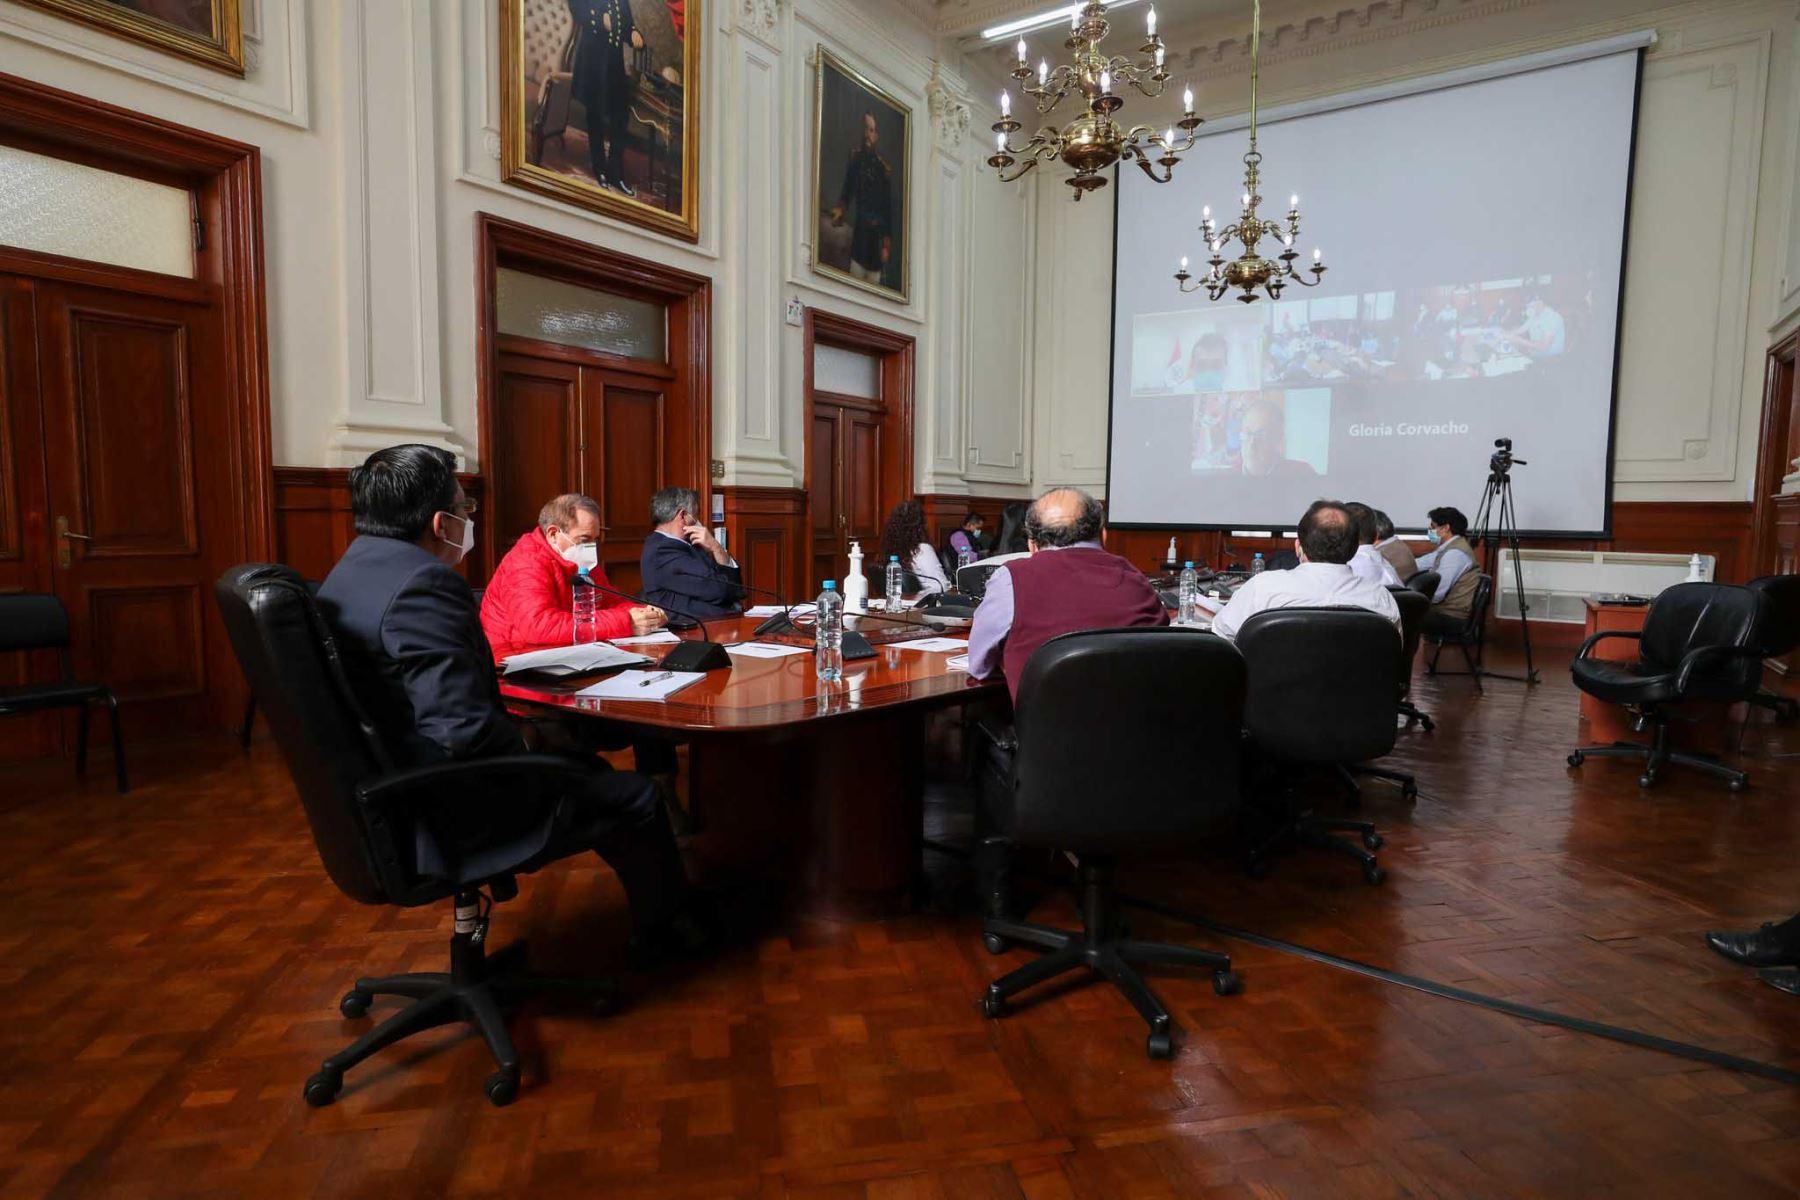 Premier Vicente Zeballos en videoconferencia con alcaldes de Lima, La Victoria y Santa Anita, presenta propuesta técnica de reubicación de los comerciantes de La Parada, con el objetivo de recuperar la seguridad, el orden y la salud pública en la emergencia por el covid-19. Foto:PCM